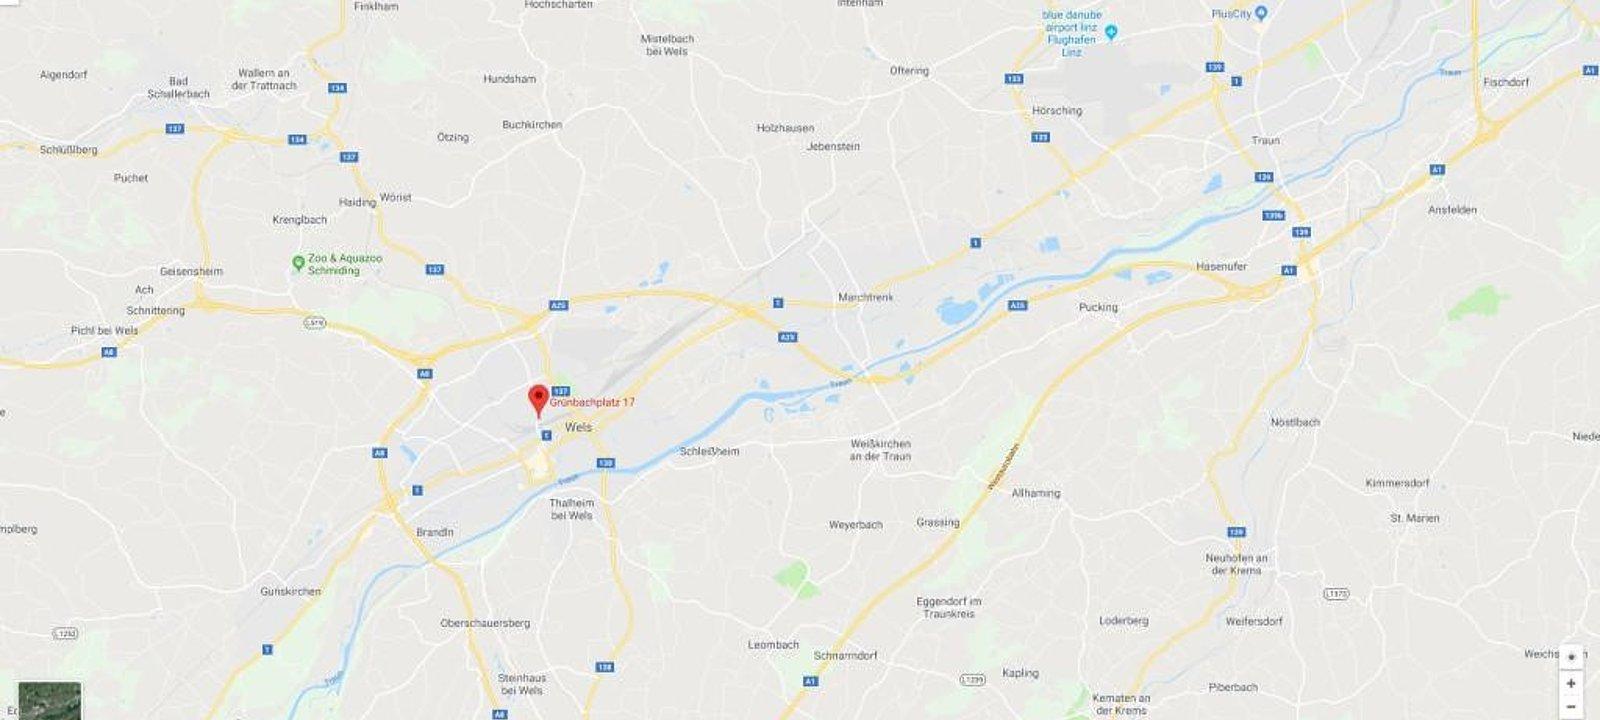 Wels Google Maps